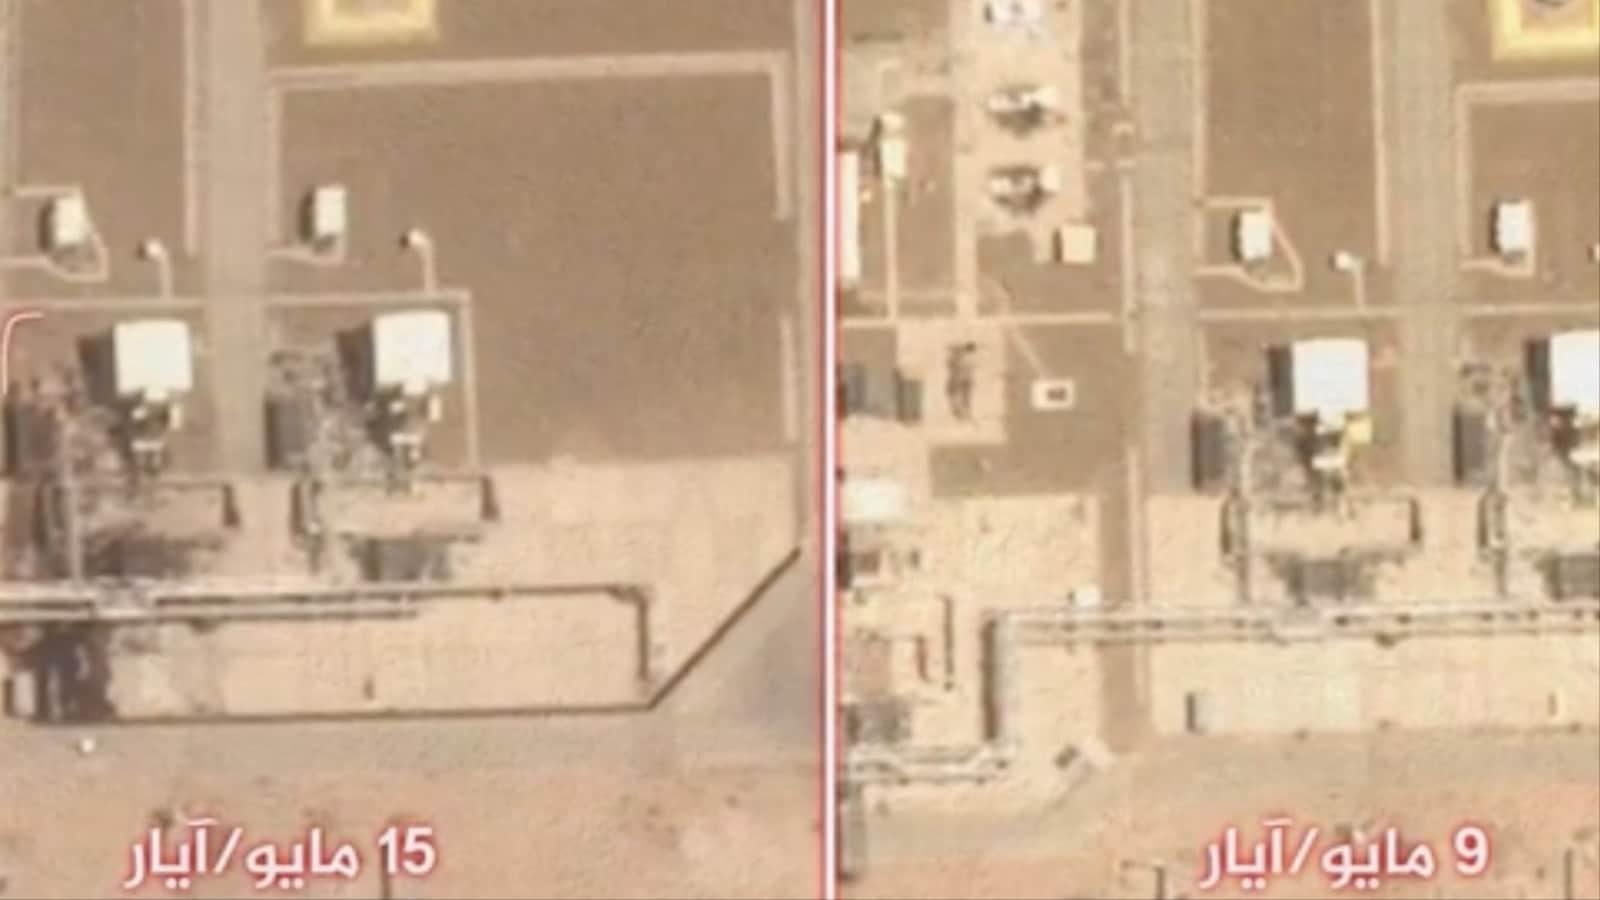 """""""شاهد"""" صور أقمار صناعية خاصة تكشف عن أضرار بالغة لحقت بـ""""أرامكو"""" جراء القصف الحوثي"""